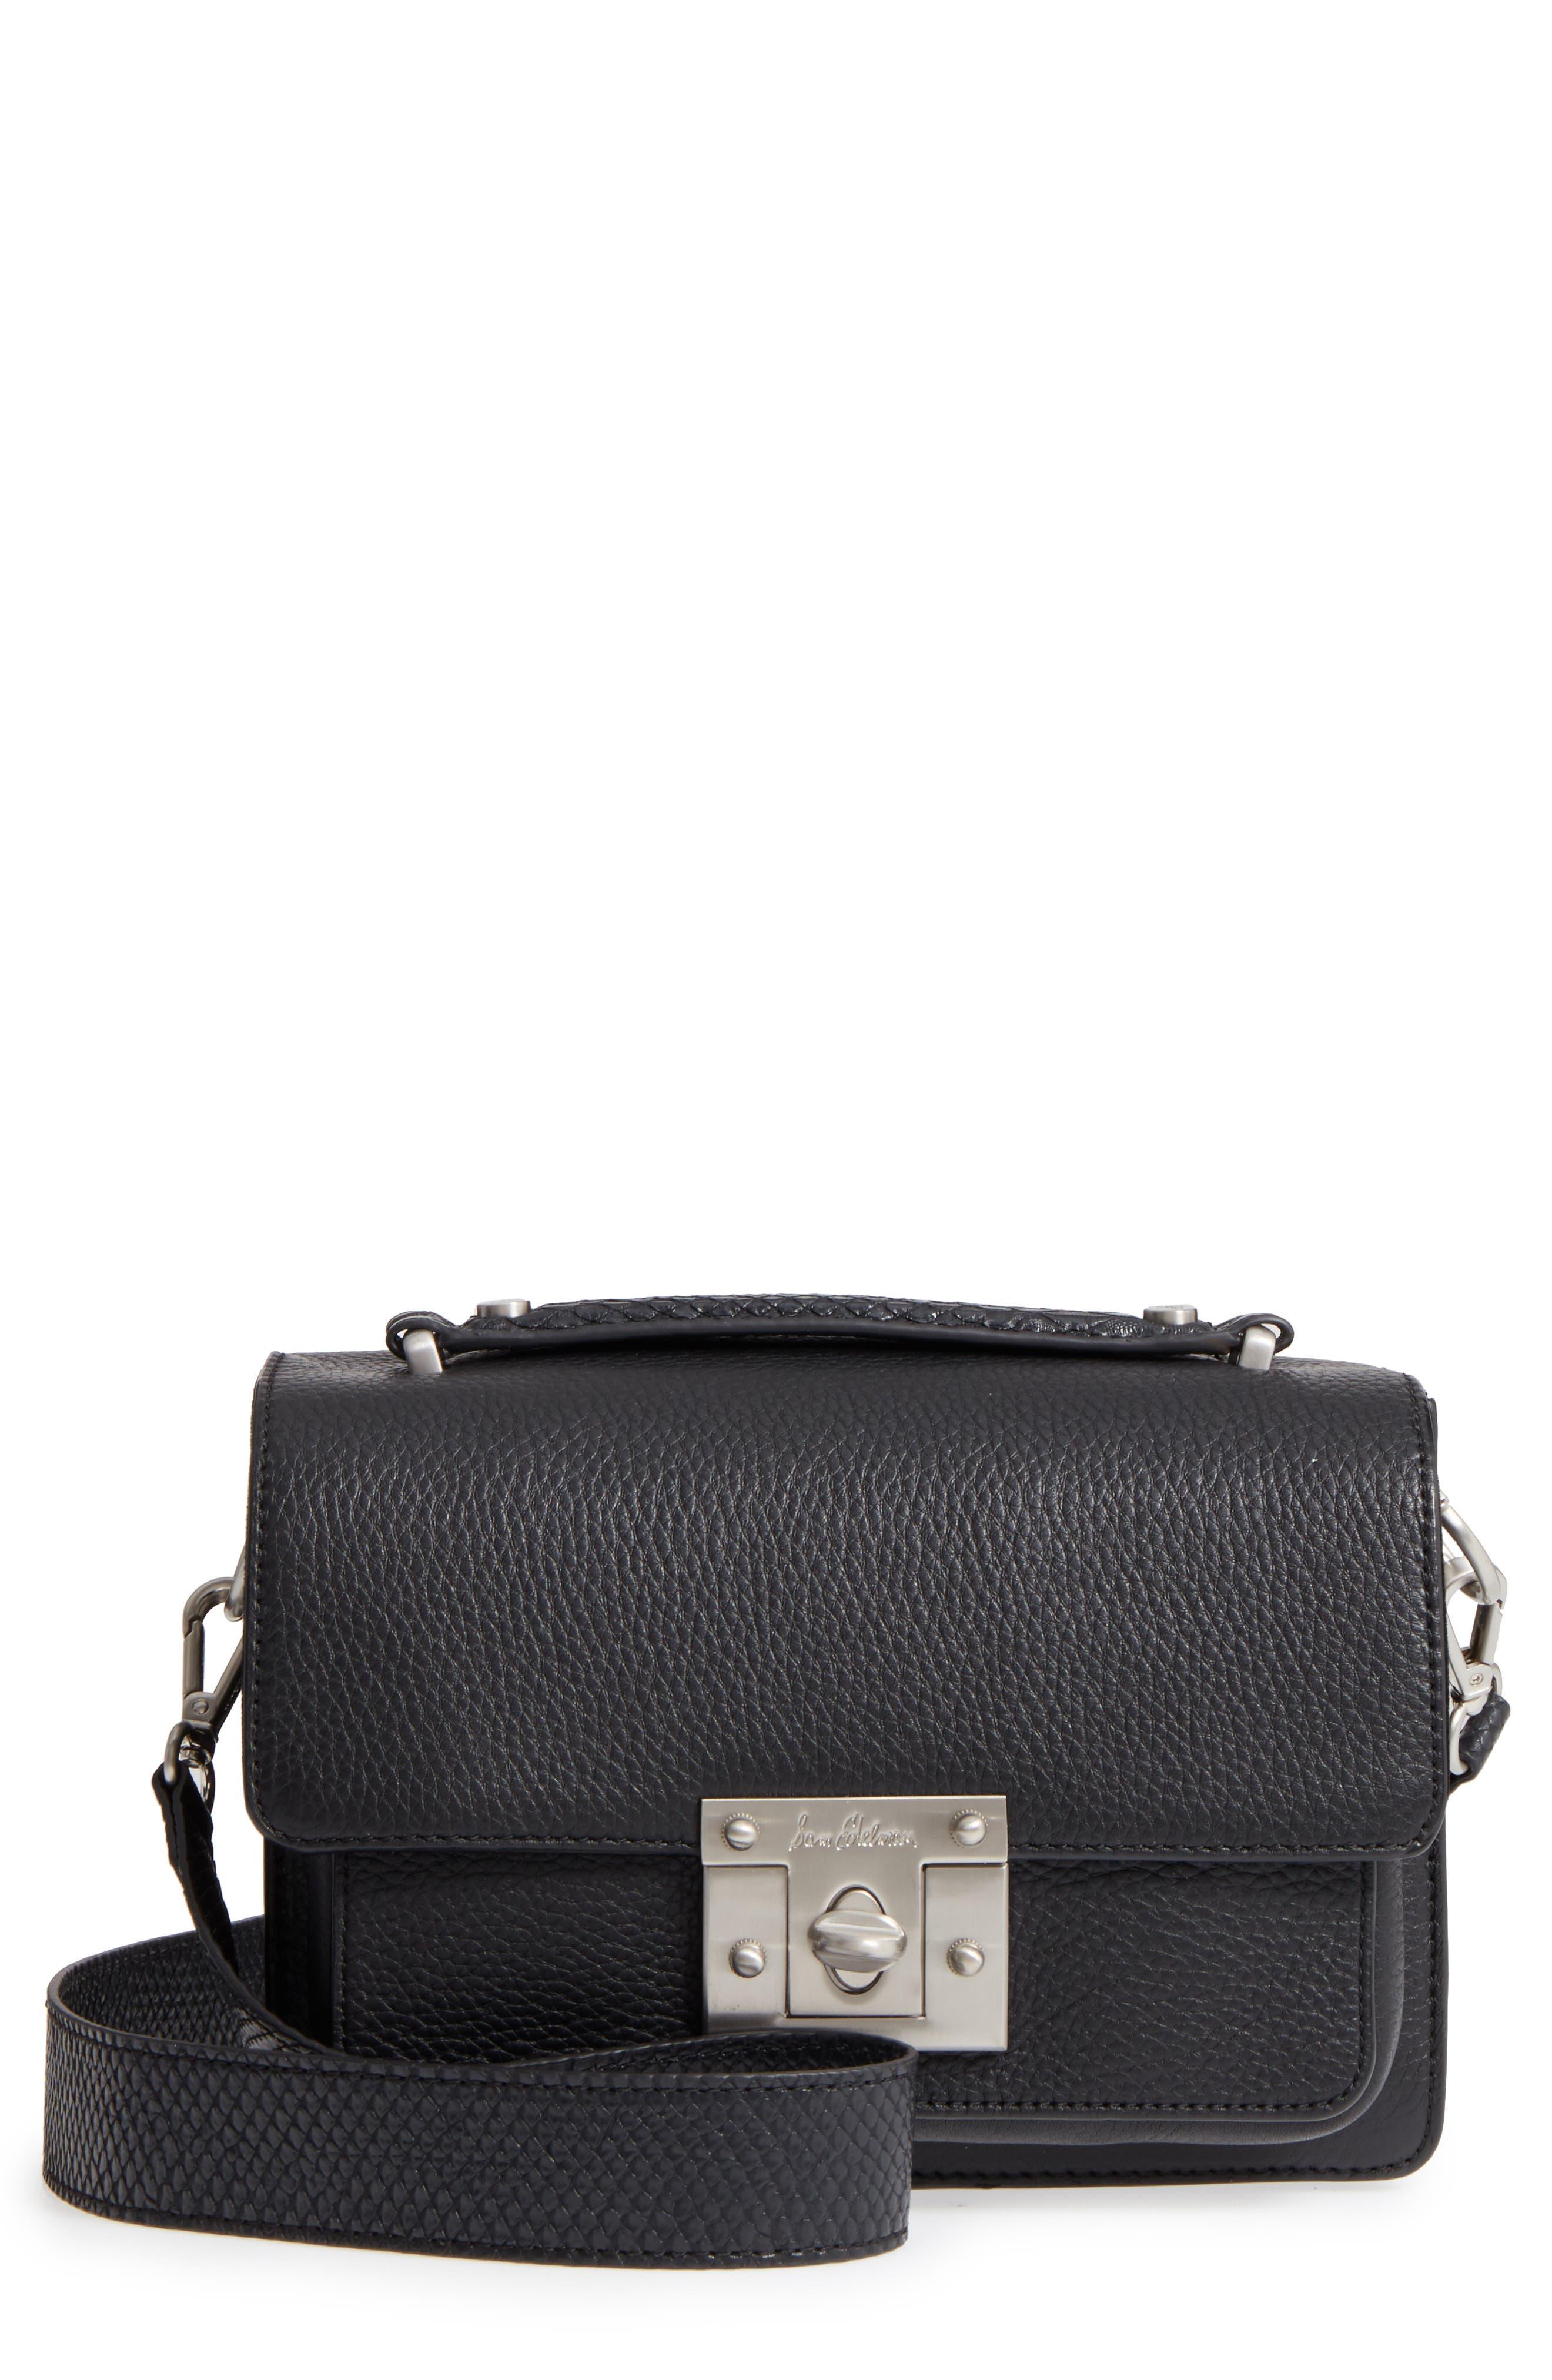 Main Image - Sam Edelman Gessica Leather Shoulder Bag